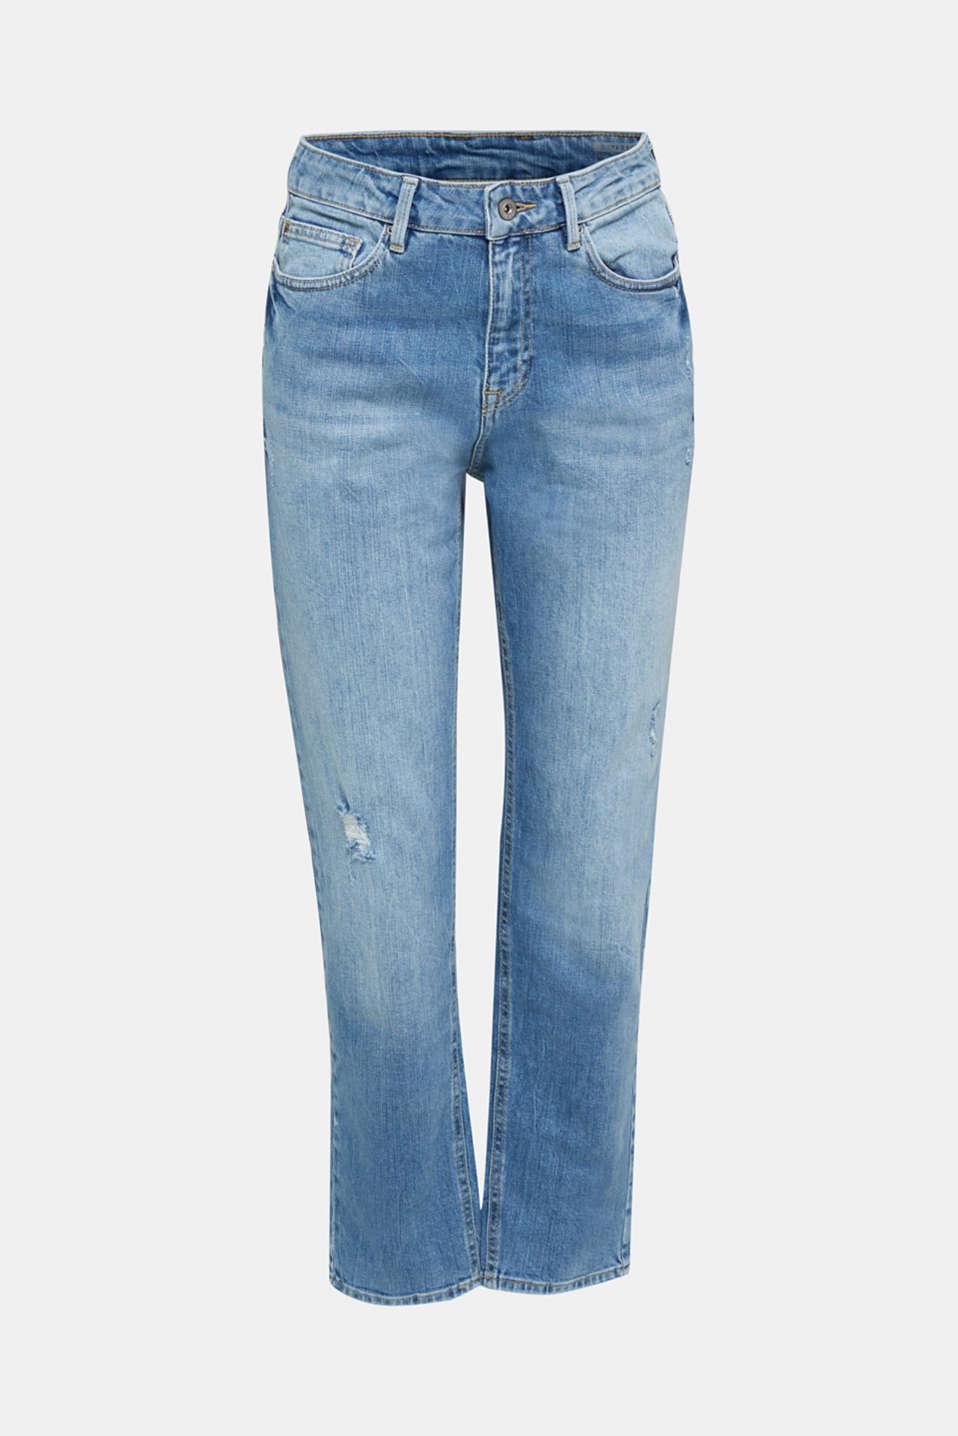 Jeans with vintage details, BLUE LIGHT WASH, detail image number 6